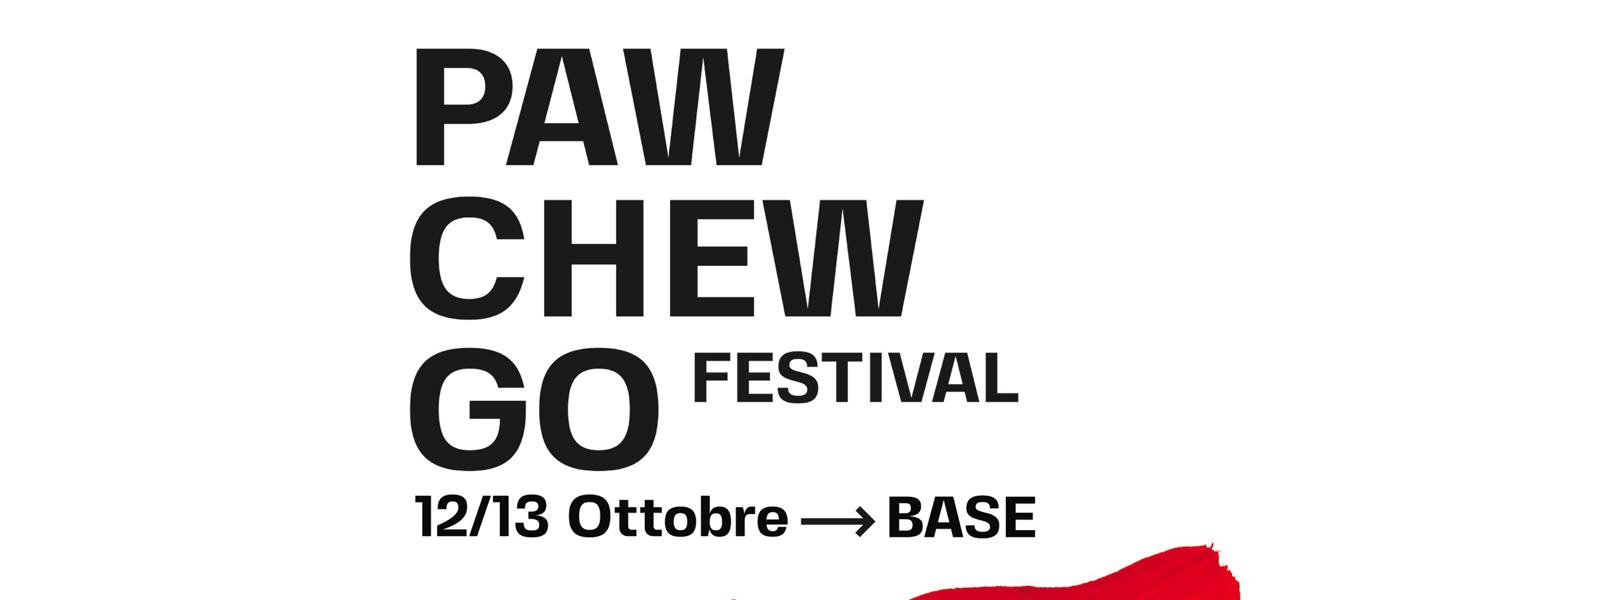 Paw Chew Go 2019 / Un grande evento di llustrazione a Milano